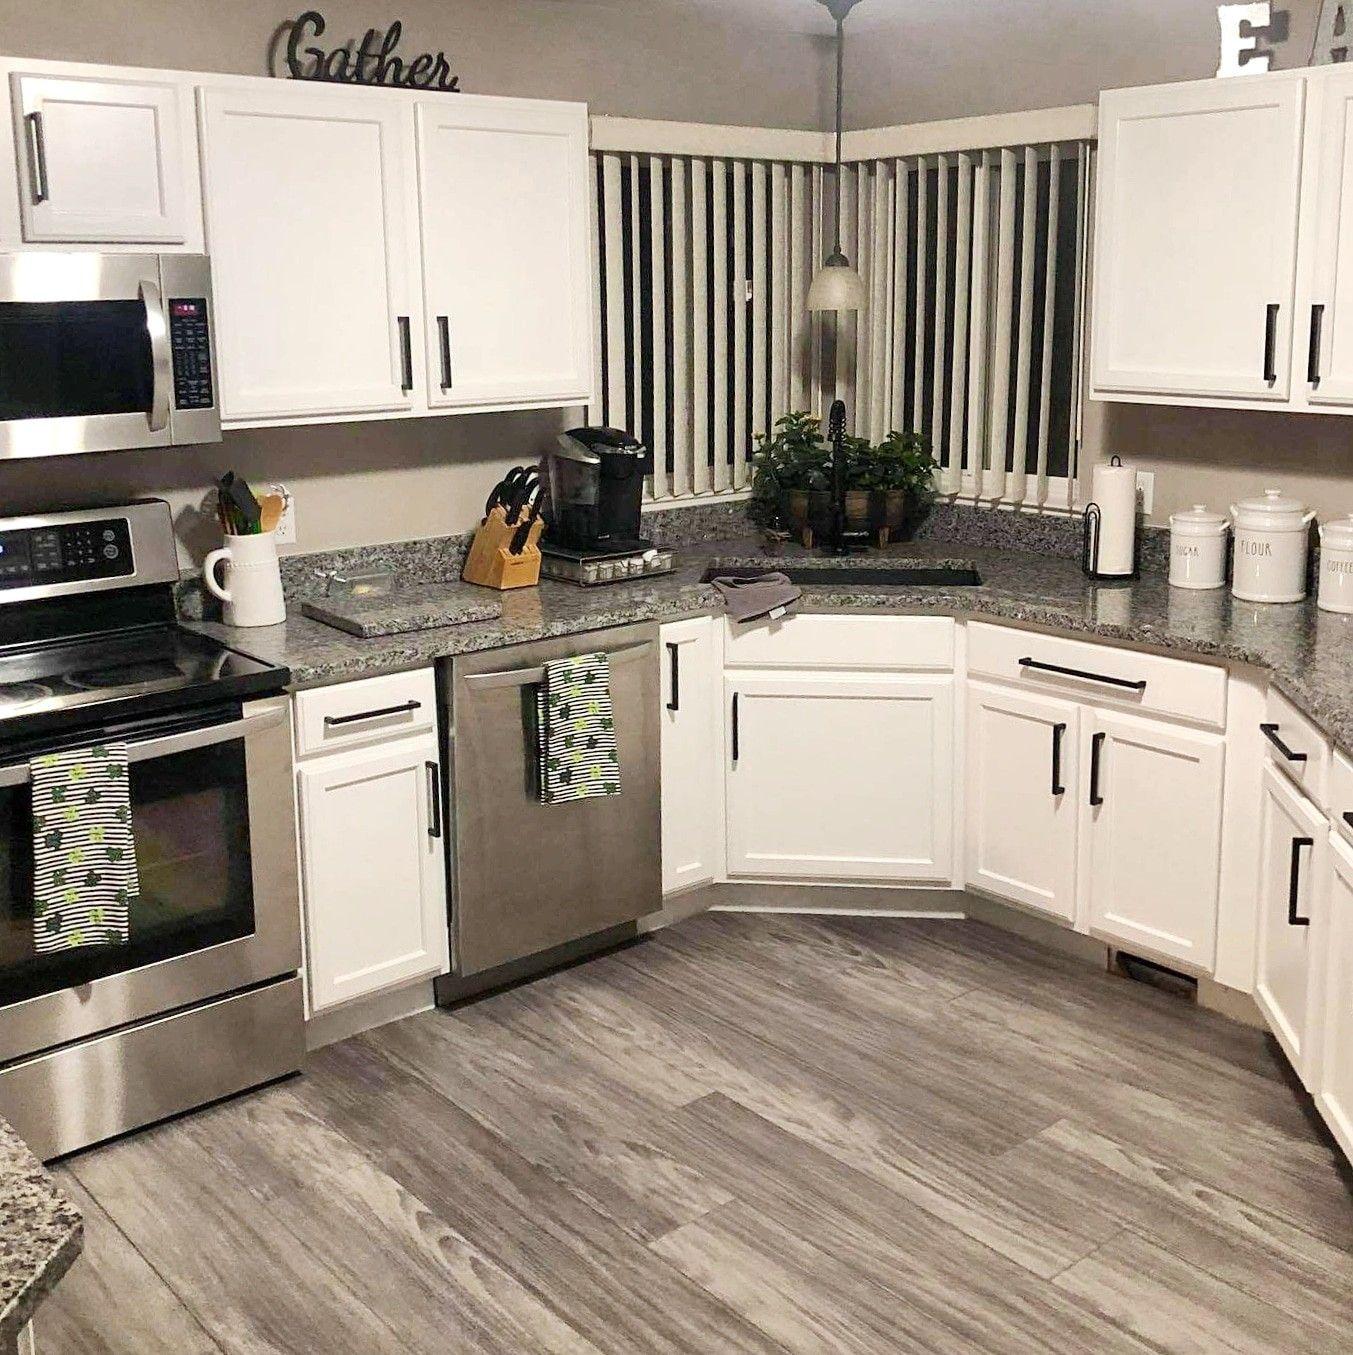 Cabinet Painting в 2020 г | Покраска шкафов, Дизайн кухонь ...